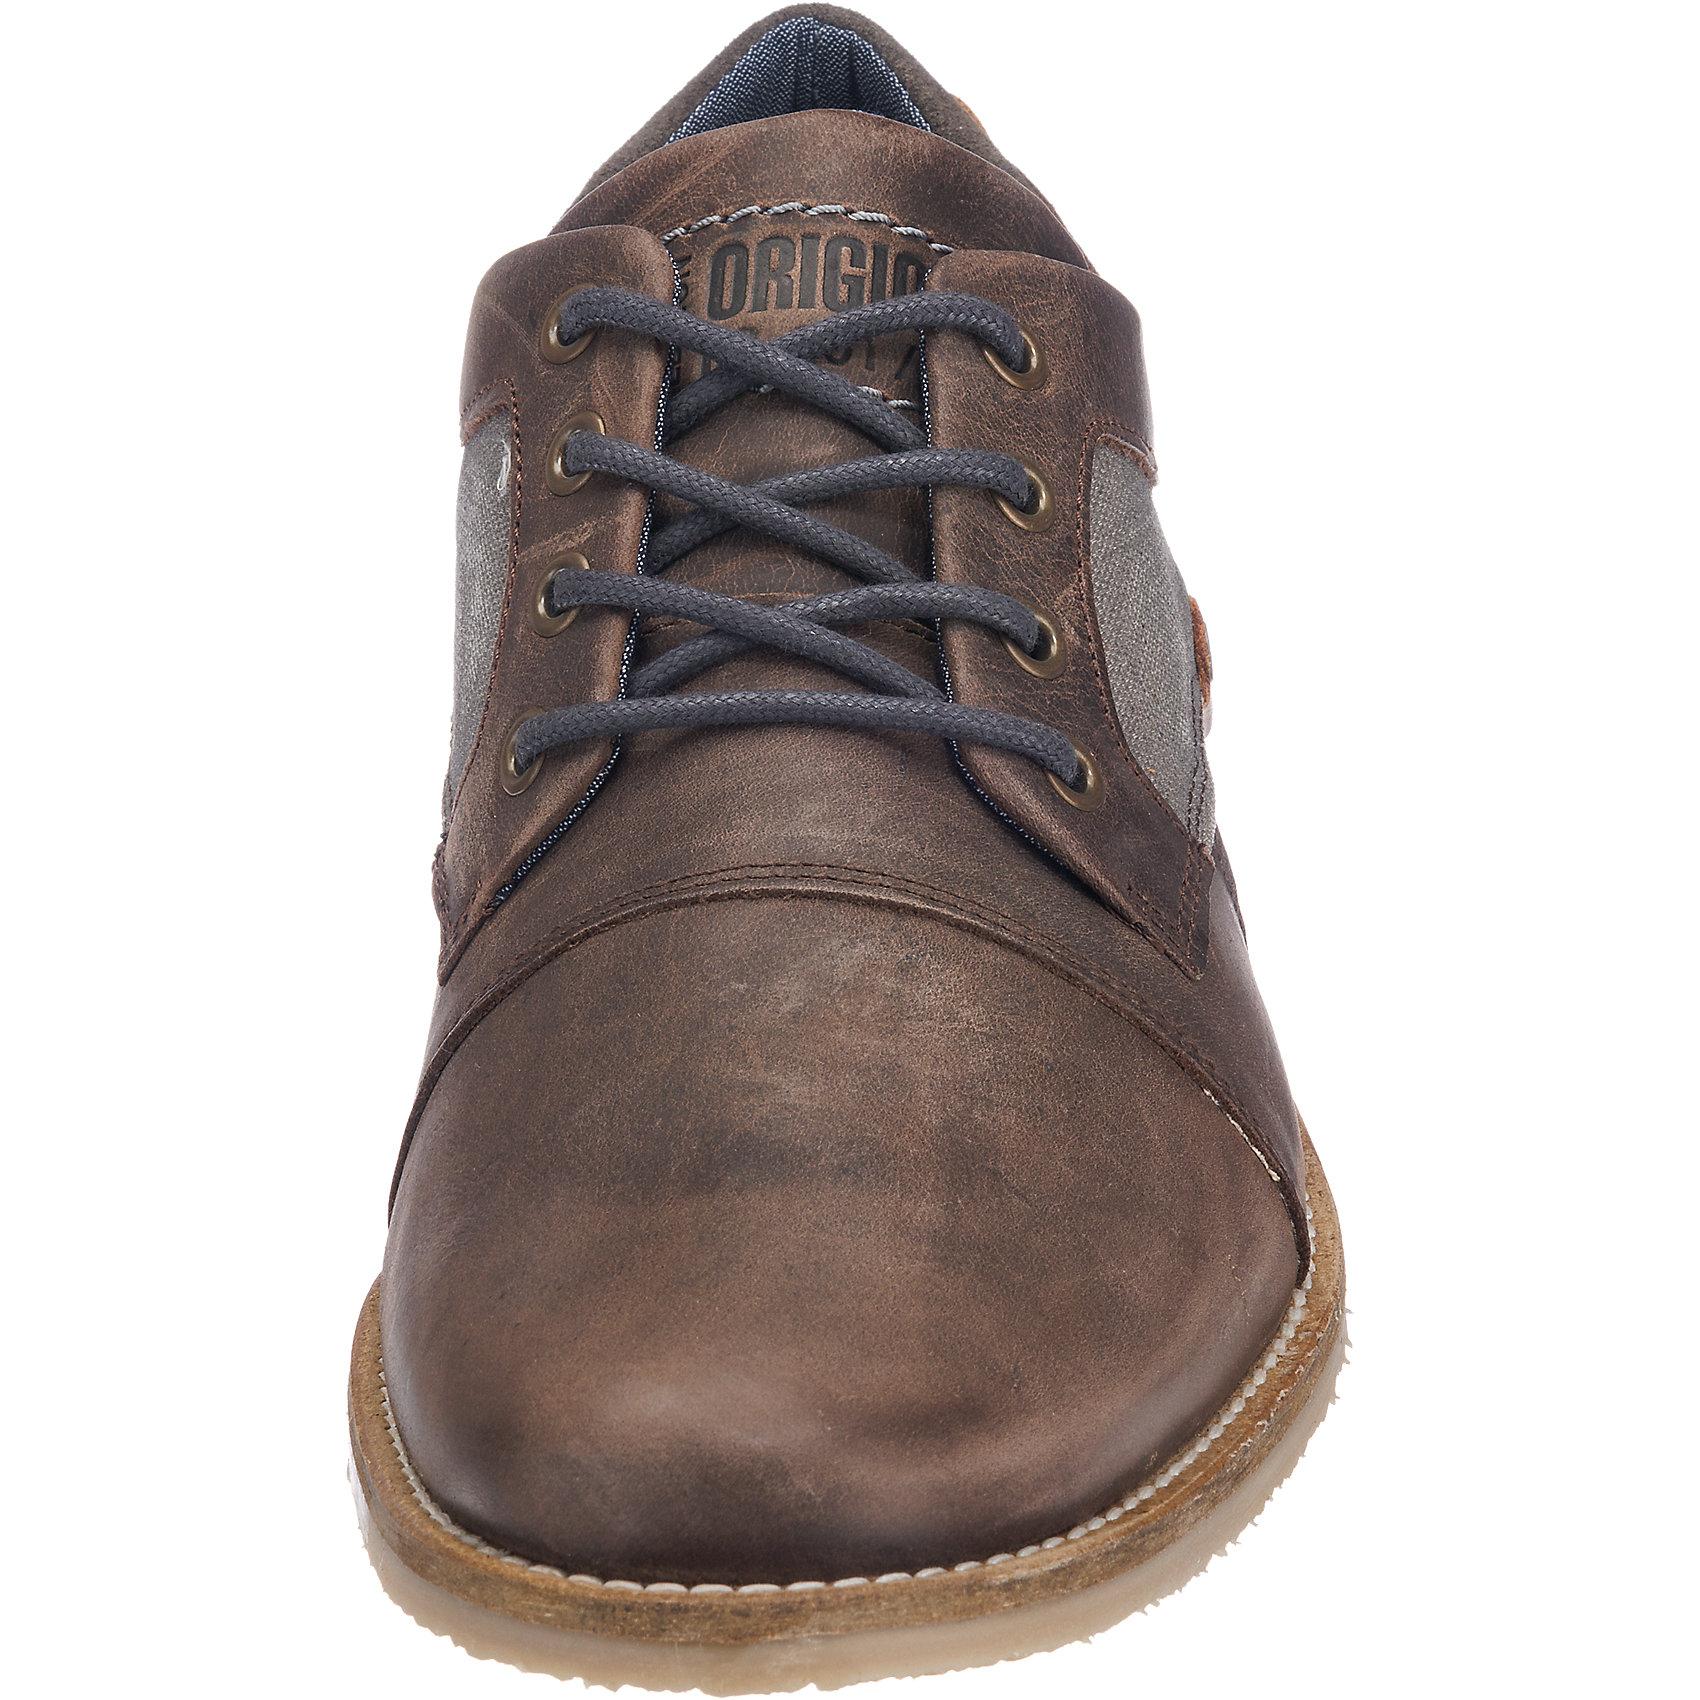 Neu BULLBOXER dunkelbraun Freizeit Schuhe braun dunkelblau dunkelbraun BULLBOXER 5768561 f8a2cc